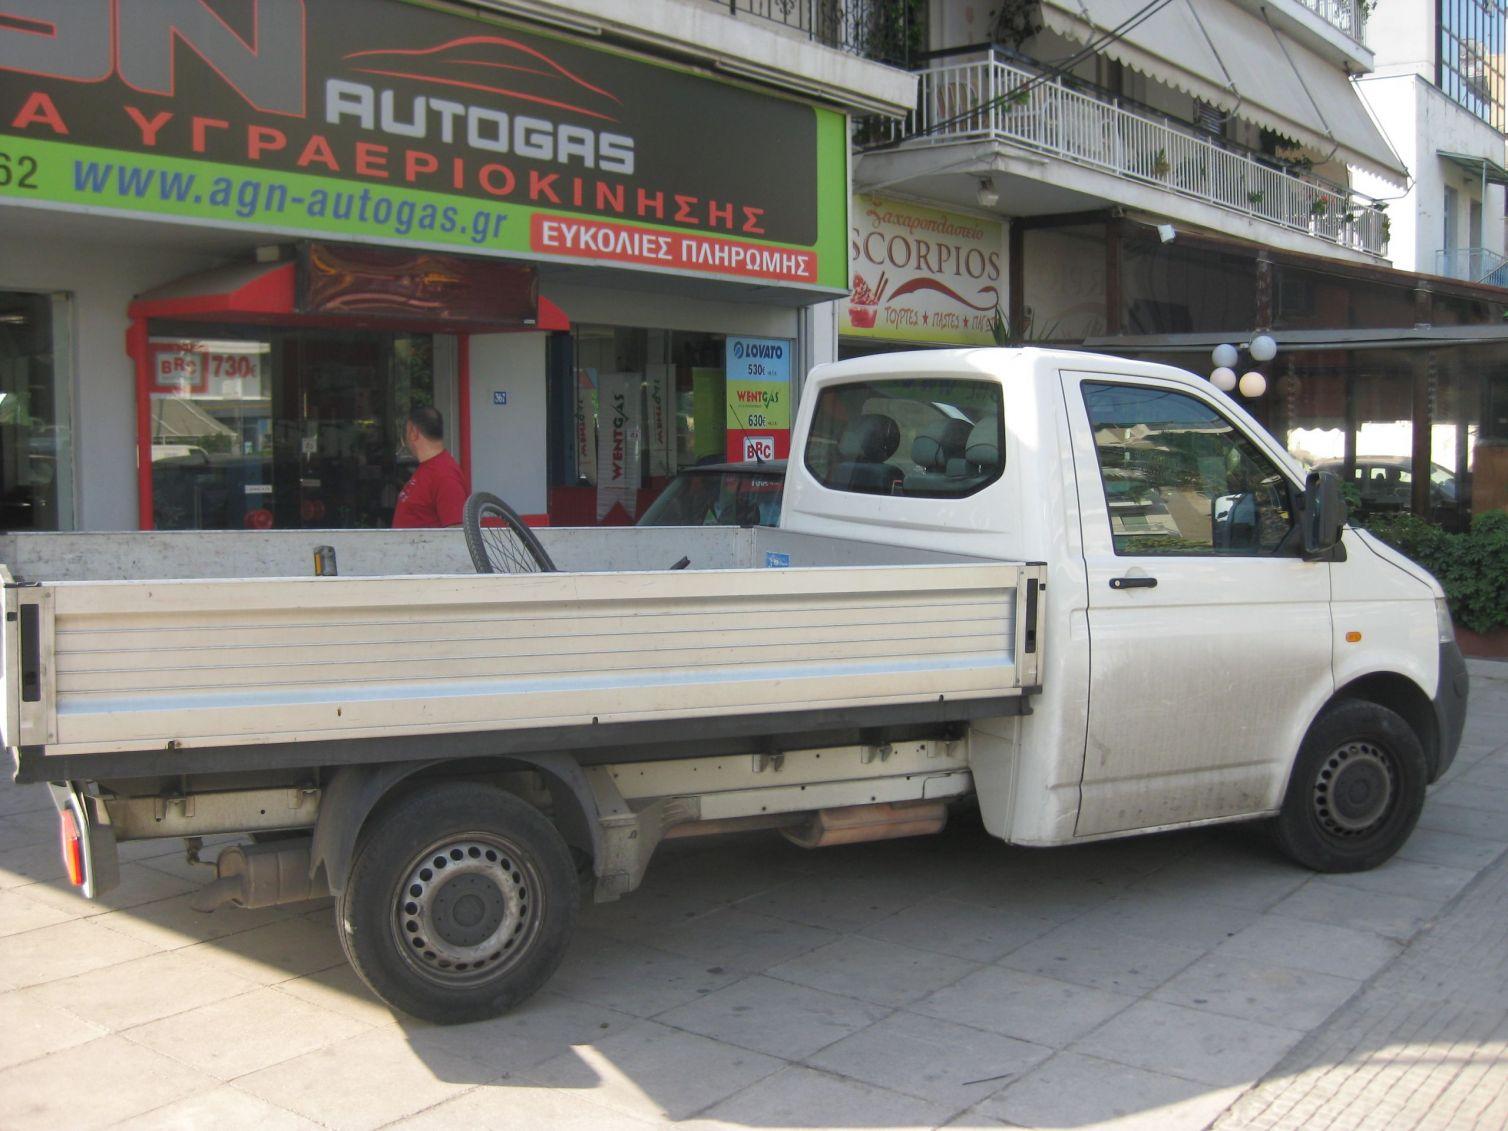 VW TRANSP. 7J0 ANOIKTO 2000cc '06 ME BRC 55LT